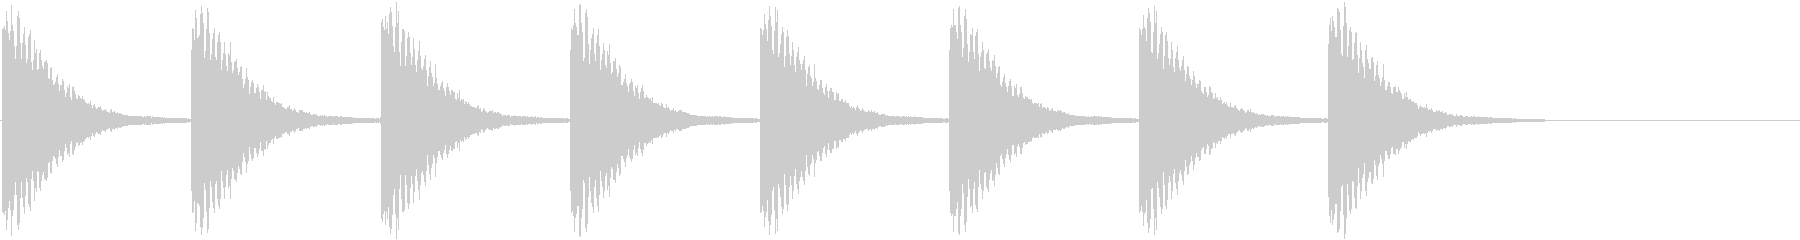 教会の鐘-6-3_revの未再生の波形